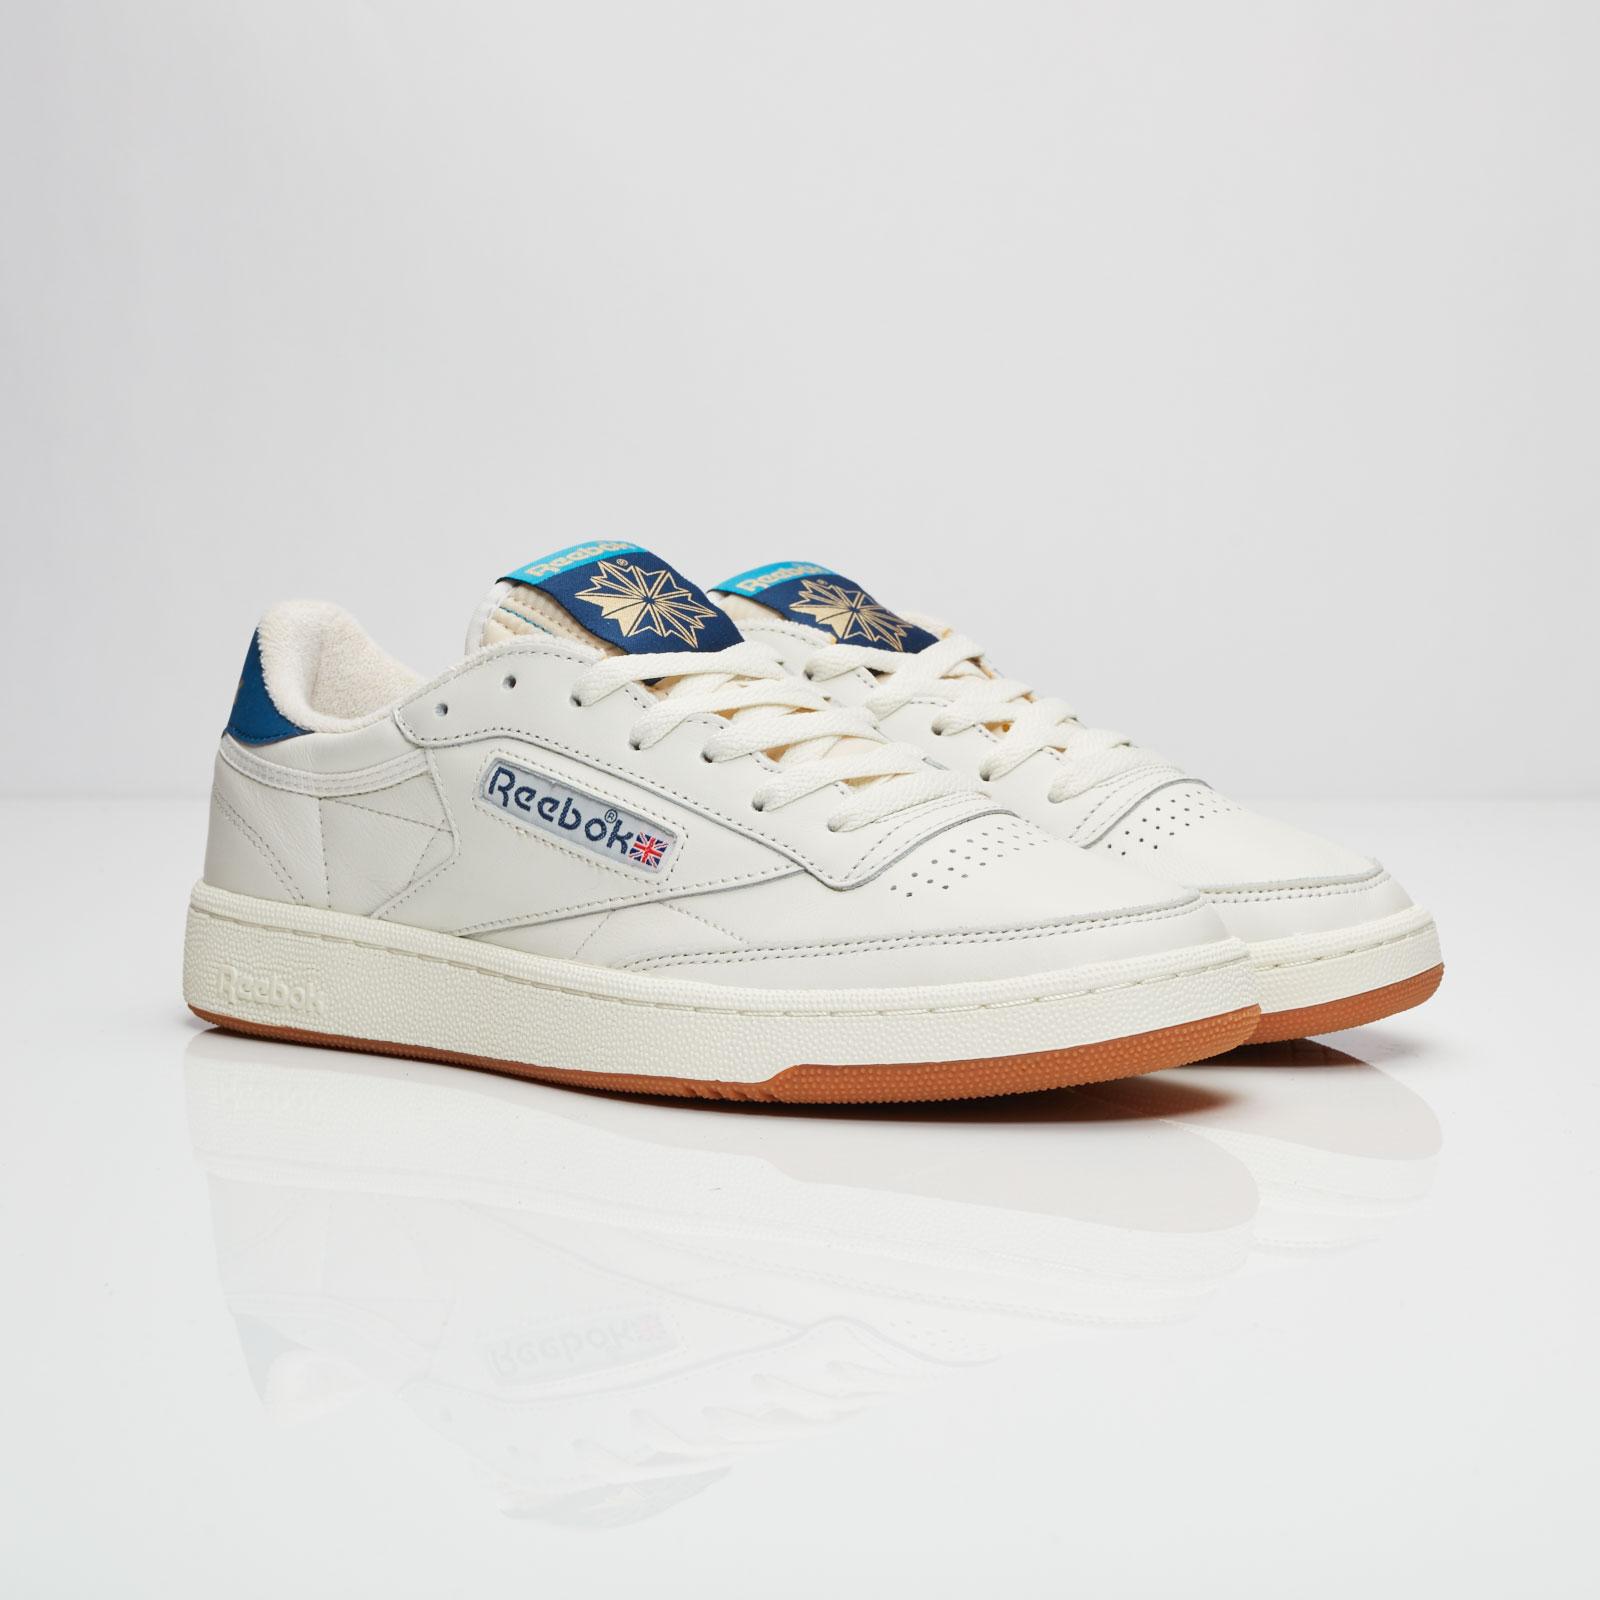 34130f4ea1d Reebok Club C 85 Retro Gum - Aq9844 - Sneakersnstuff